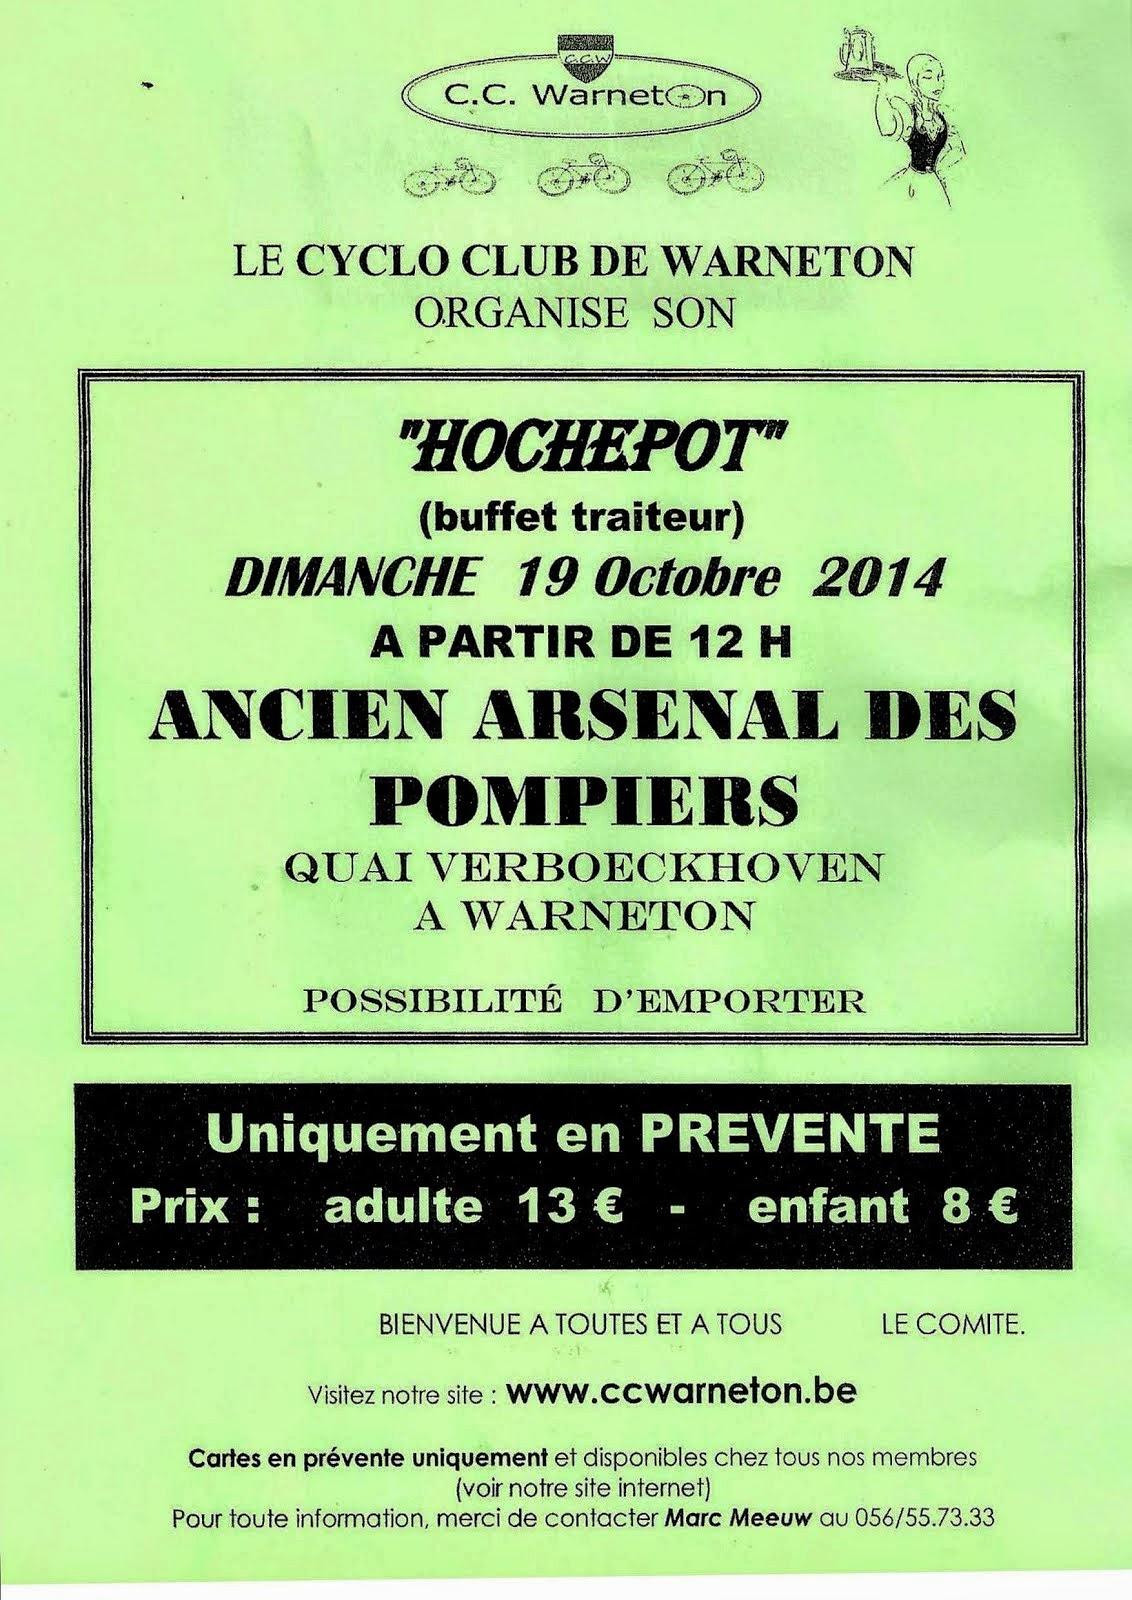 19 octobre repas du Cyclo Club de Warneton